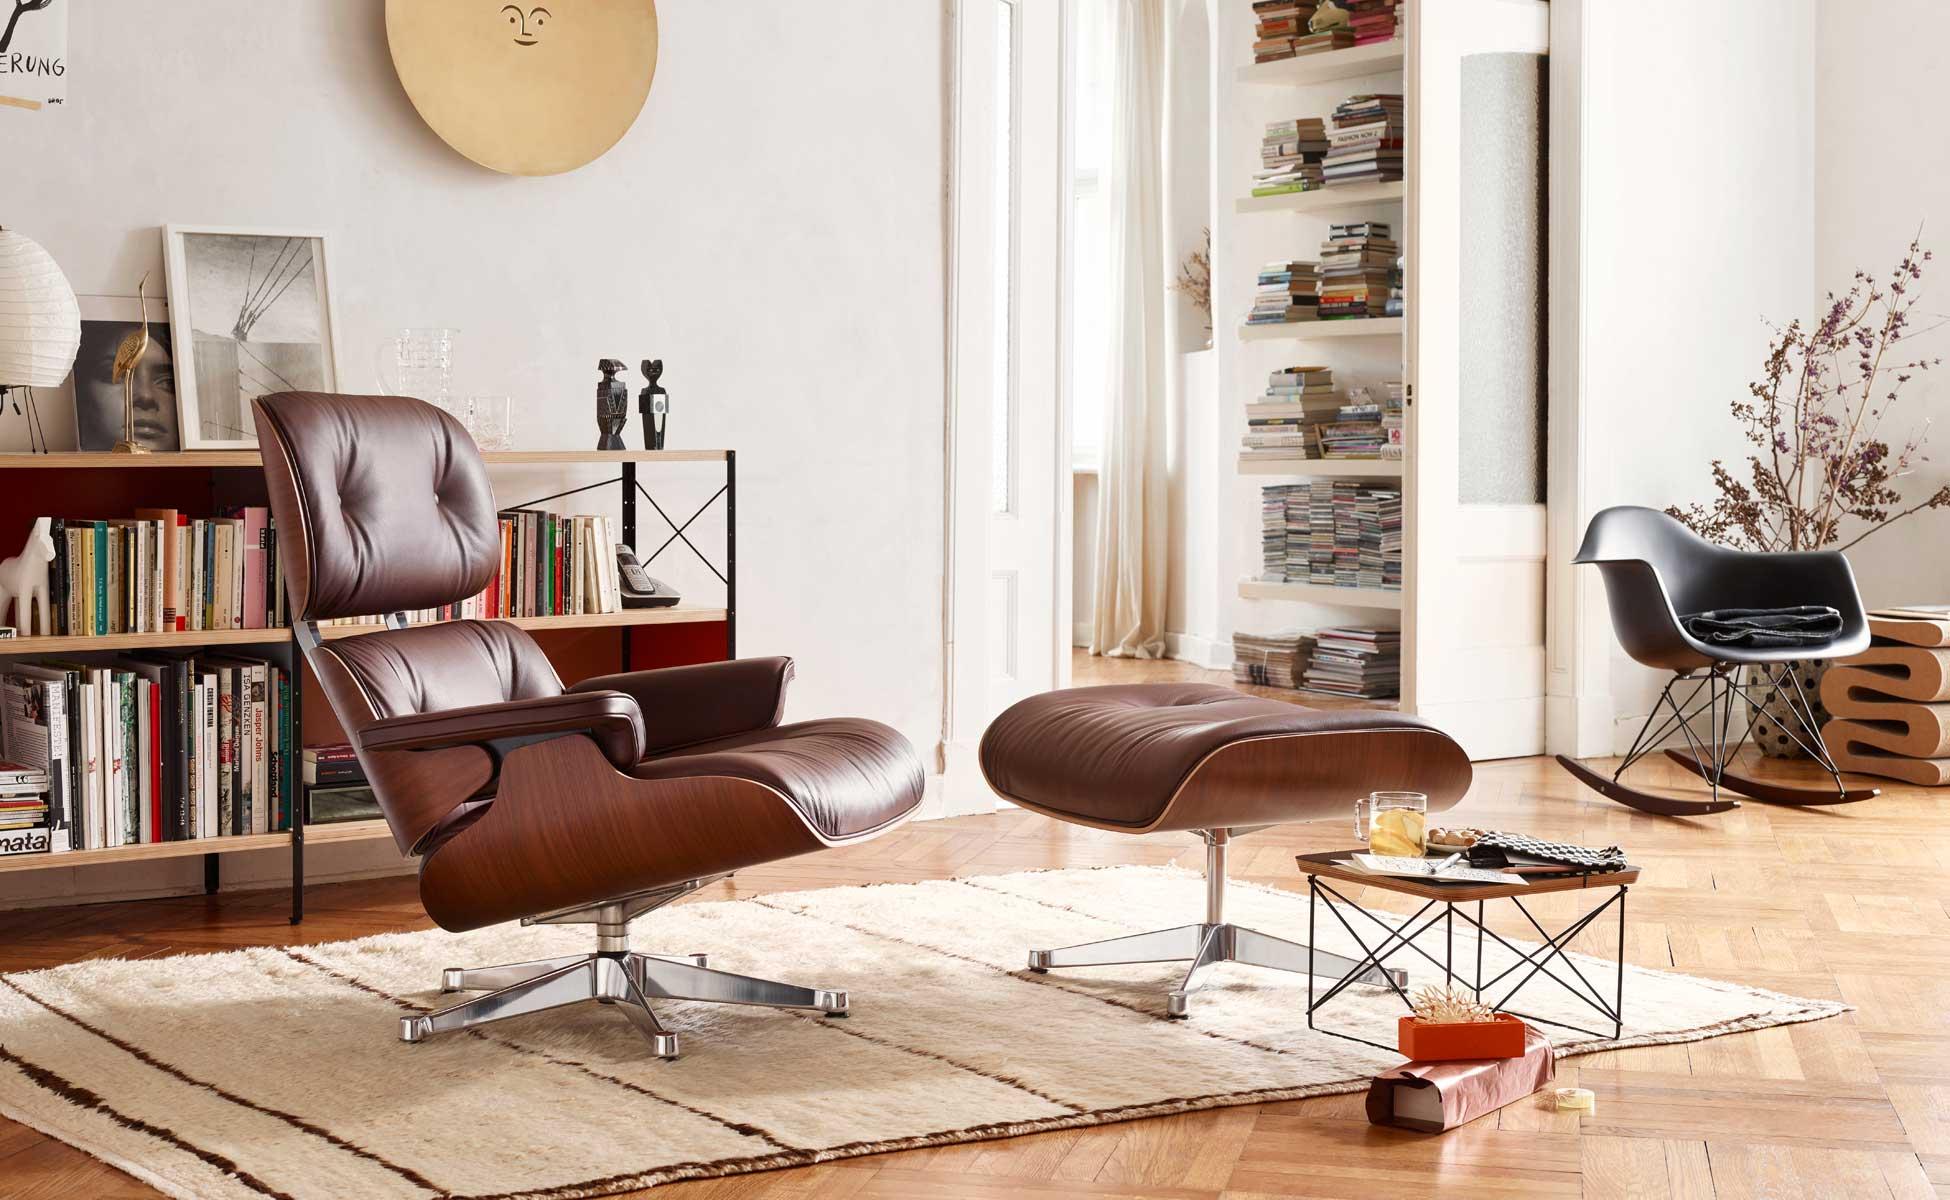 01 vitra eames lounge chair in berlin by steidten+